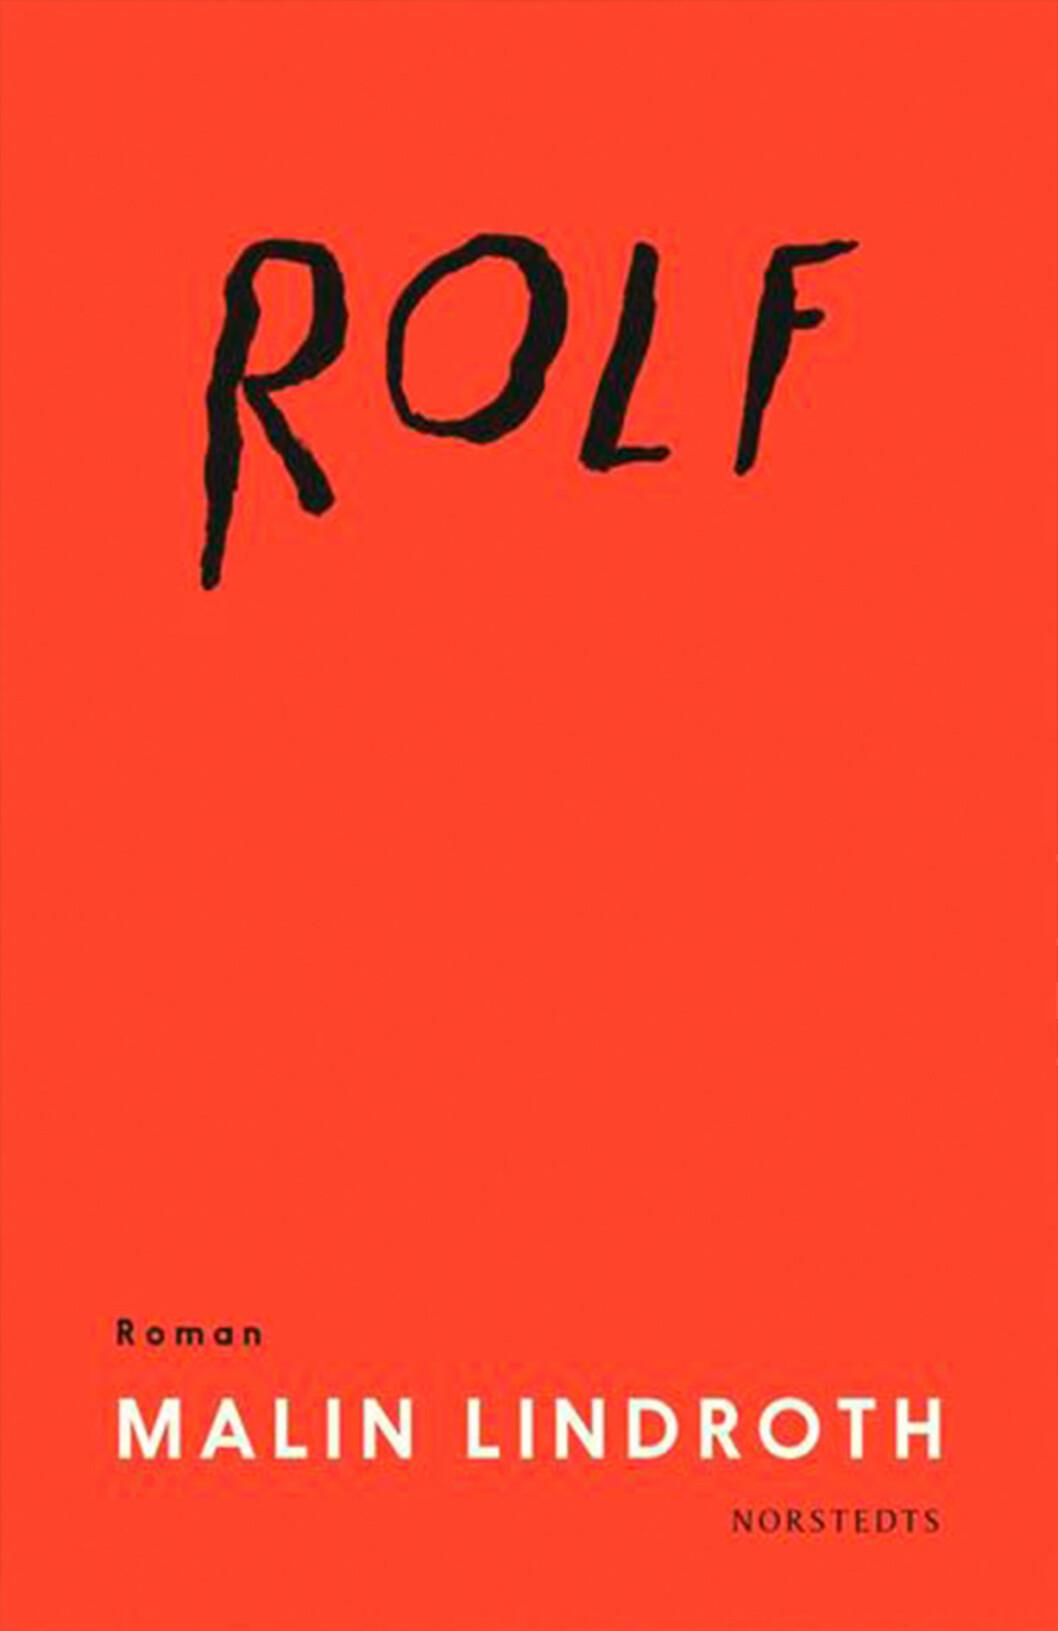 Bokomslag till Rolf, Röd framsida med texten Rolf handskrivet.